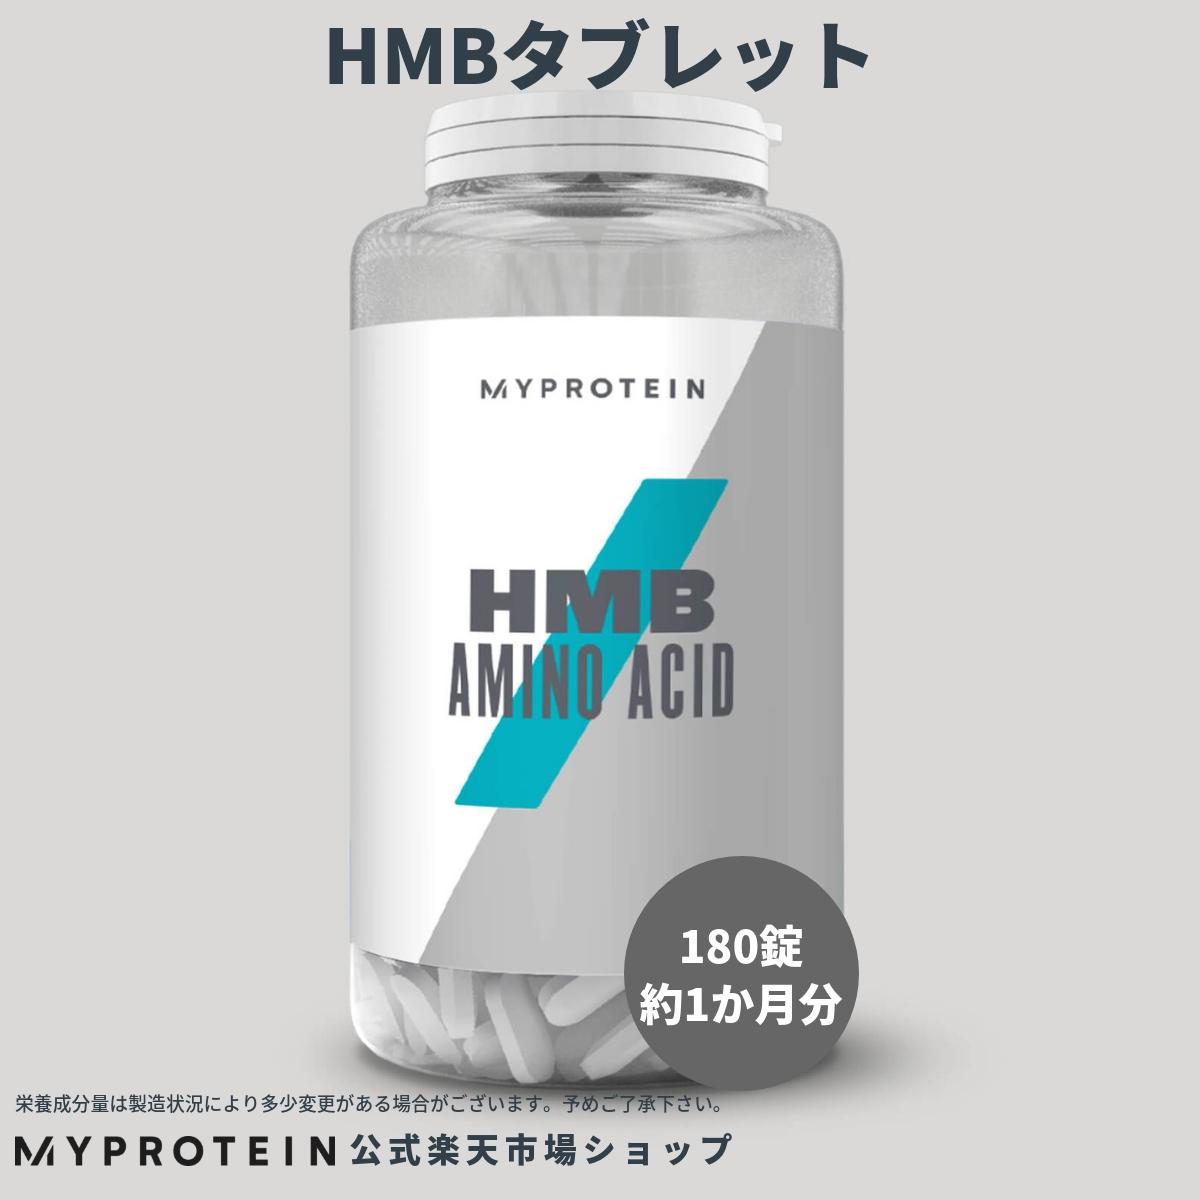 マイプロテイン 公式 【MyProtein】HMB タブレット 180錠 約1ヶ月分| サプリメント サプリ タブレット アミノ酸 女性 ロイシン 燃焼系 スポーツサプリ ダイエットサプリ 筋肉 マッスル クレアチン アルギニン nutrakey 【楽天海外直送】